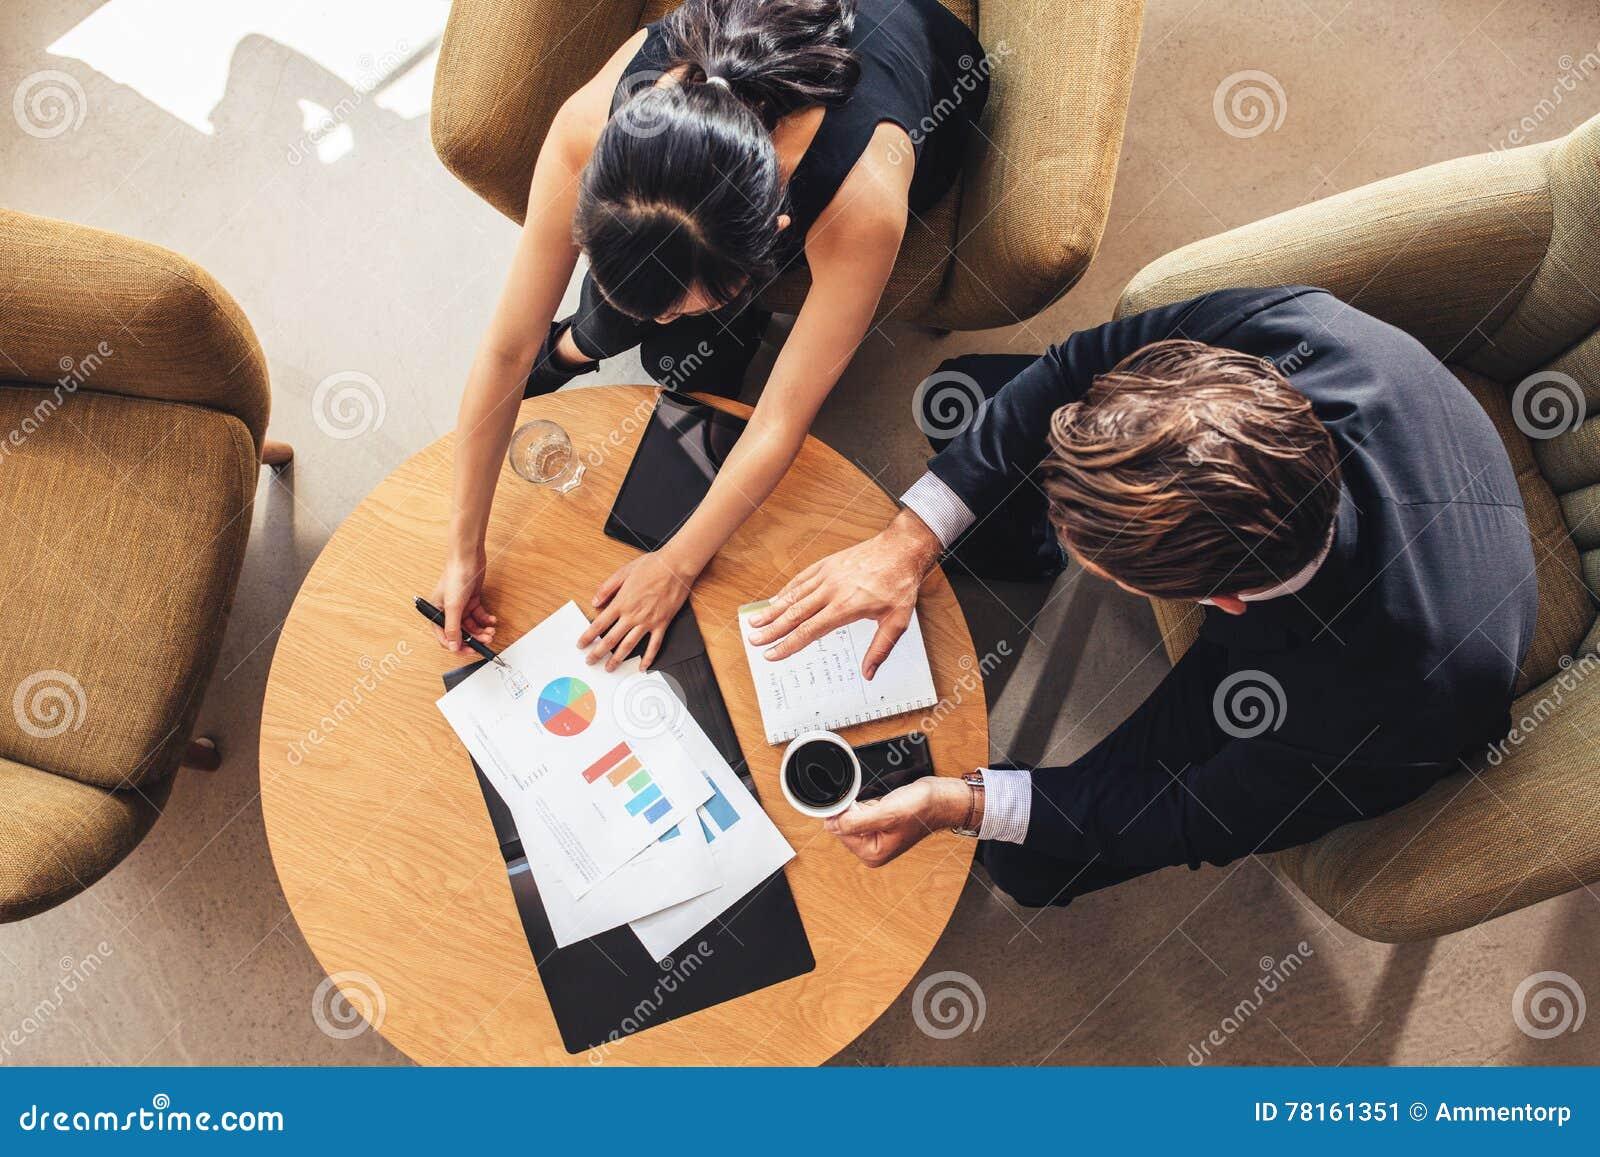 La gente corporativa que discute nuevo negocio proyecta con cartas